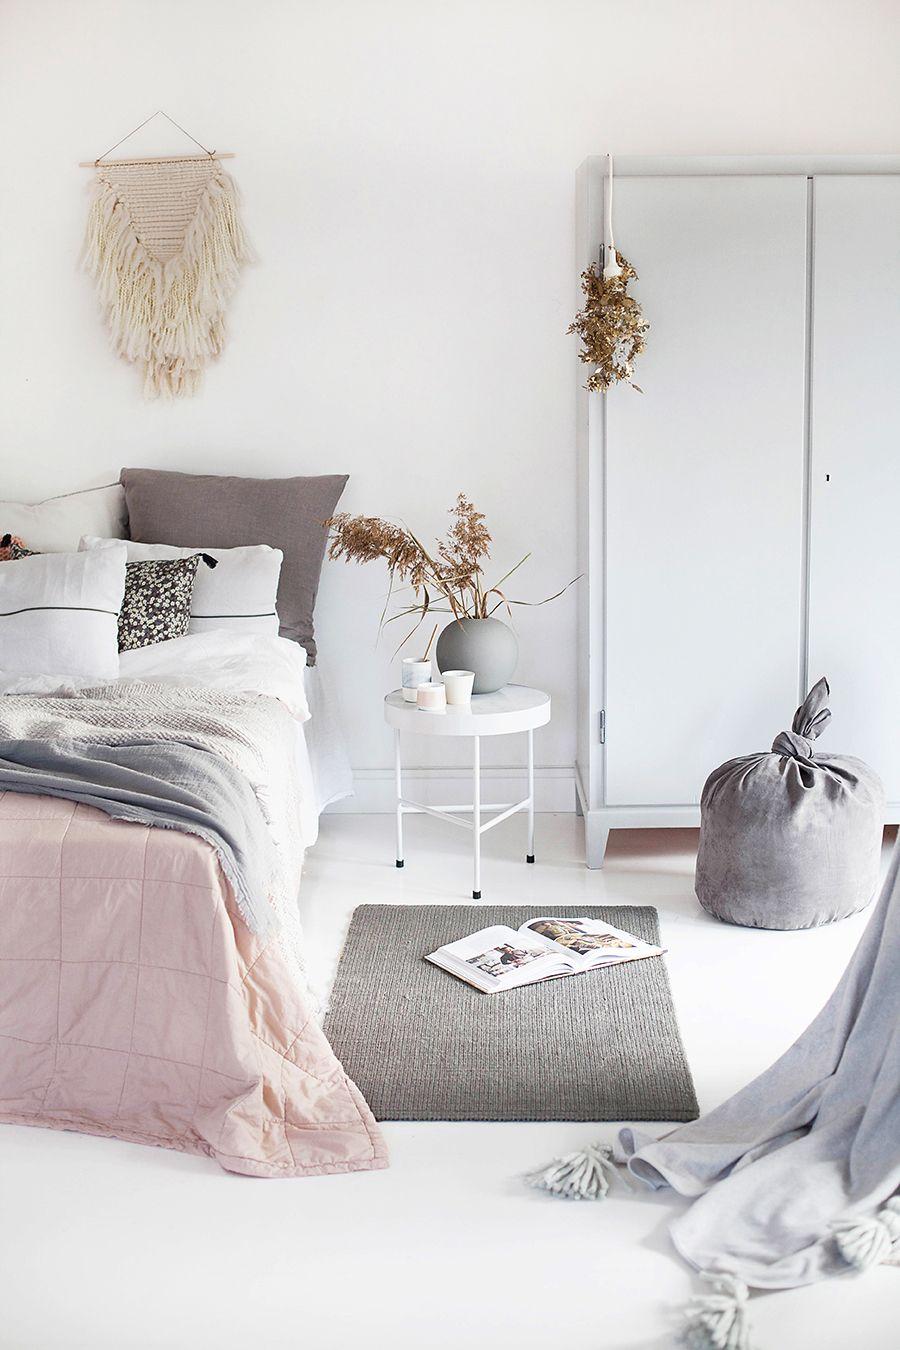 pastel bedroom slaapkamer interieur slaapkamer tafel bed tafel scandinavische interieurs grijze slaapkamer